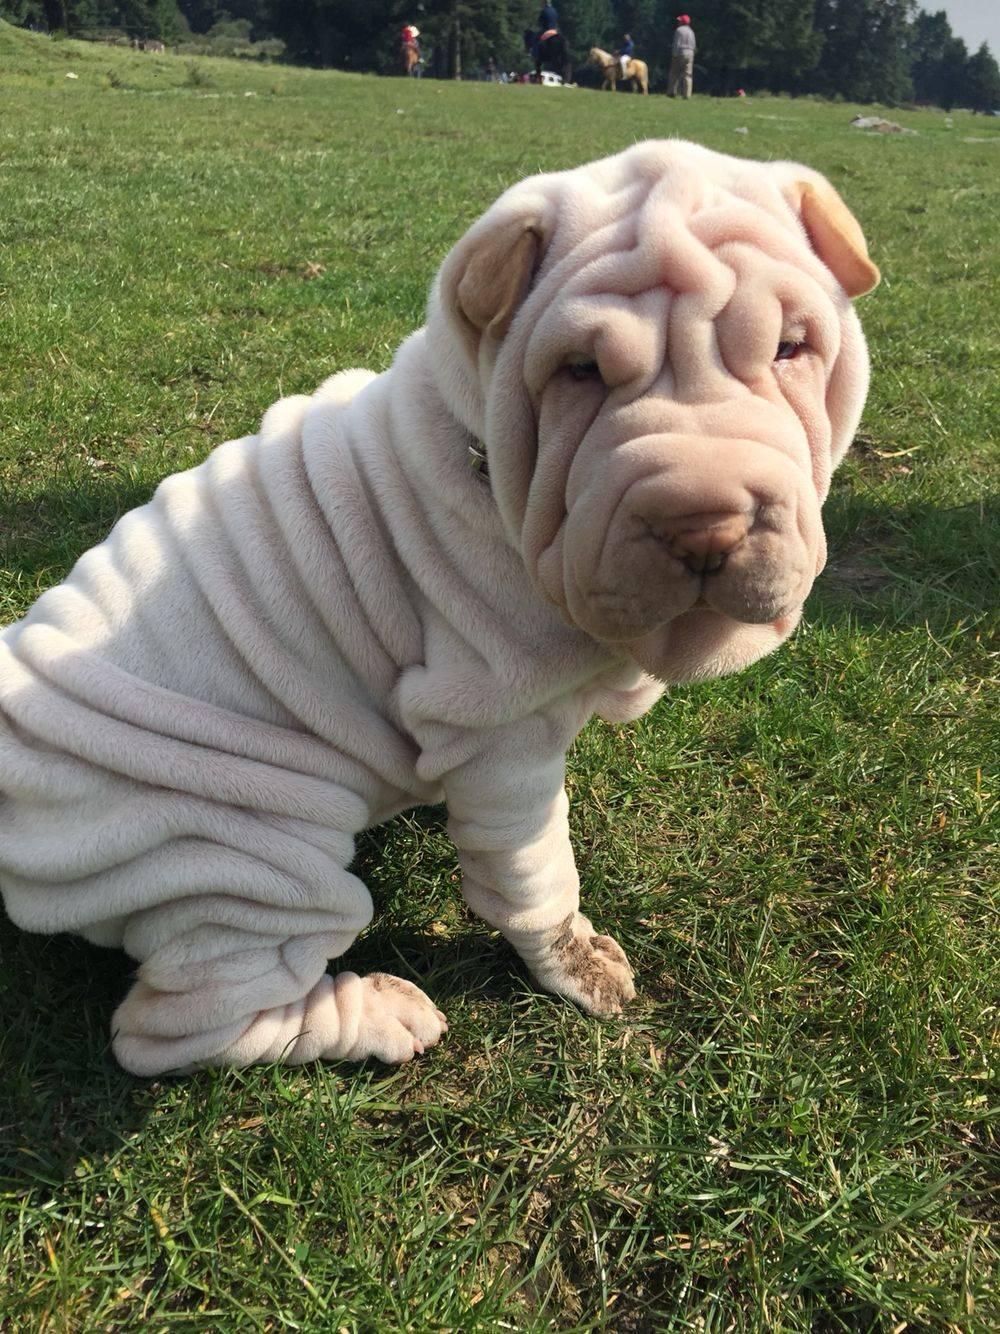 Собаки со складками (34 фото): список морщинистых пород собак. как ухаживать за складчатыми собаками?